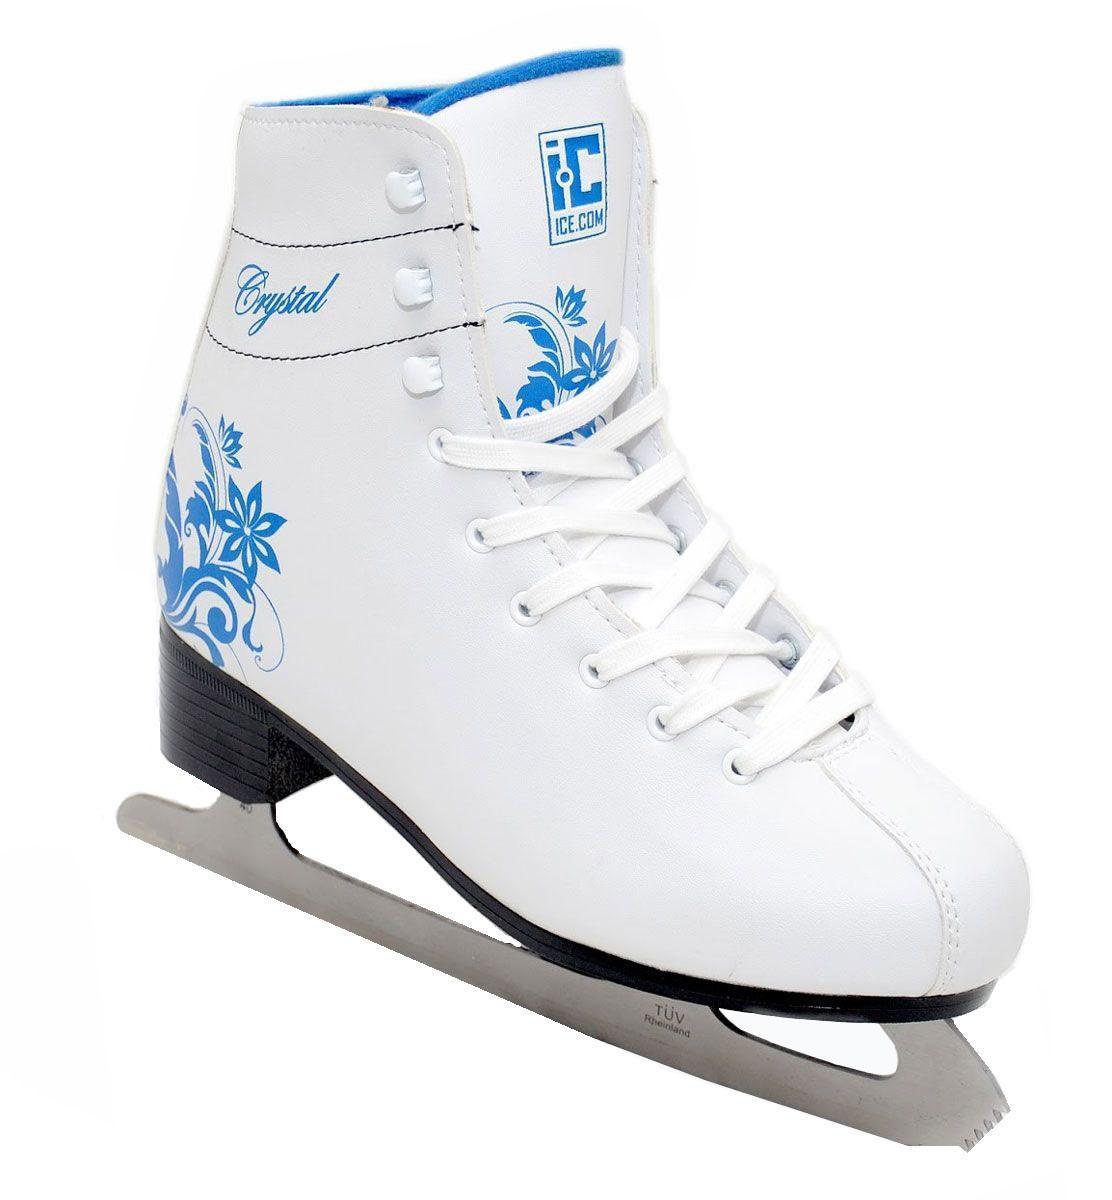 Коньки фигурные детские Ice.Com Crystal 2014-2015, цвет: синий, белый. Размер 34Crystal 2014-2015Высокий классический ботинок идеально подойдет для начинающих. Конструкция ботинка разработана специально с учетом того что нога при катании должна находиться в полусогнутом состоянии и голень имеет небольшой наклон вперед. Верх ботинка выполнен из морозостойкой искусственной кожи, подошва - морозостойкий ПВХ. Стальное никелированное высокопрочное лезвие, сертифицировано TUV. Для того, чтобы Вам максимально точно подобрать размер коньков, узнайте длину стопы с точностью до миллиметра. Для этого поставьте босую ногу на лист бумаги А4 и отметьте на бумаге самые крайние точки Вашей стопы (пятка и носок). Затем измерьте обычной линейкой расстояние (до миллиметра) между этими отметками на бумаге. Не забудьте учесть 2-3 мм запаса под носок.